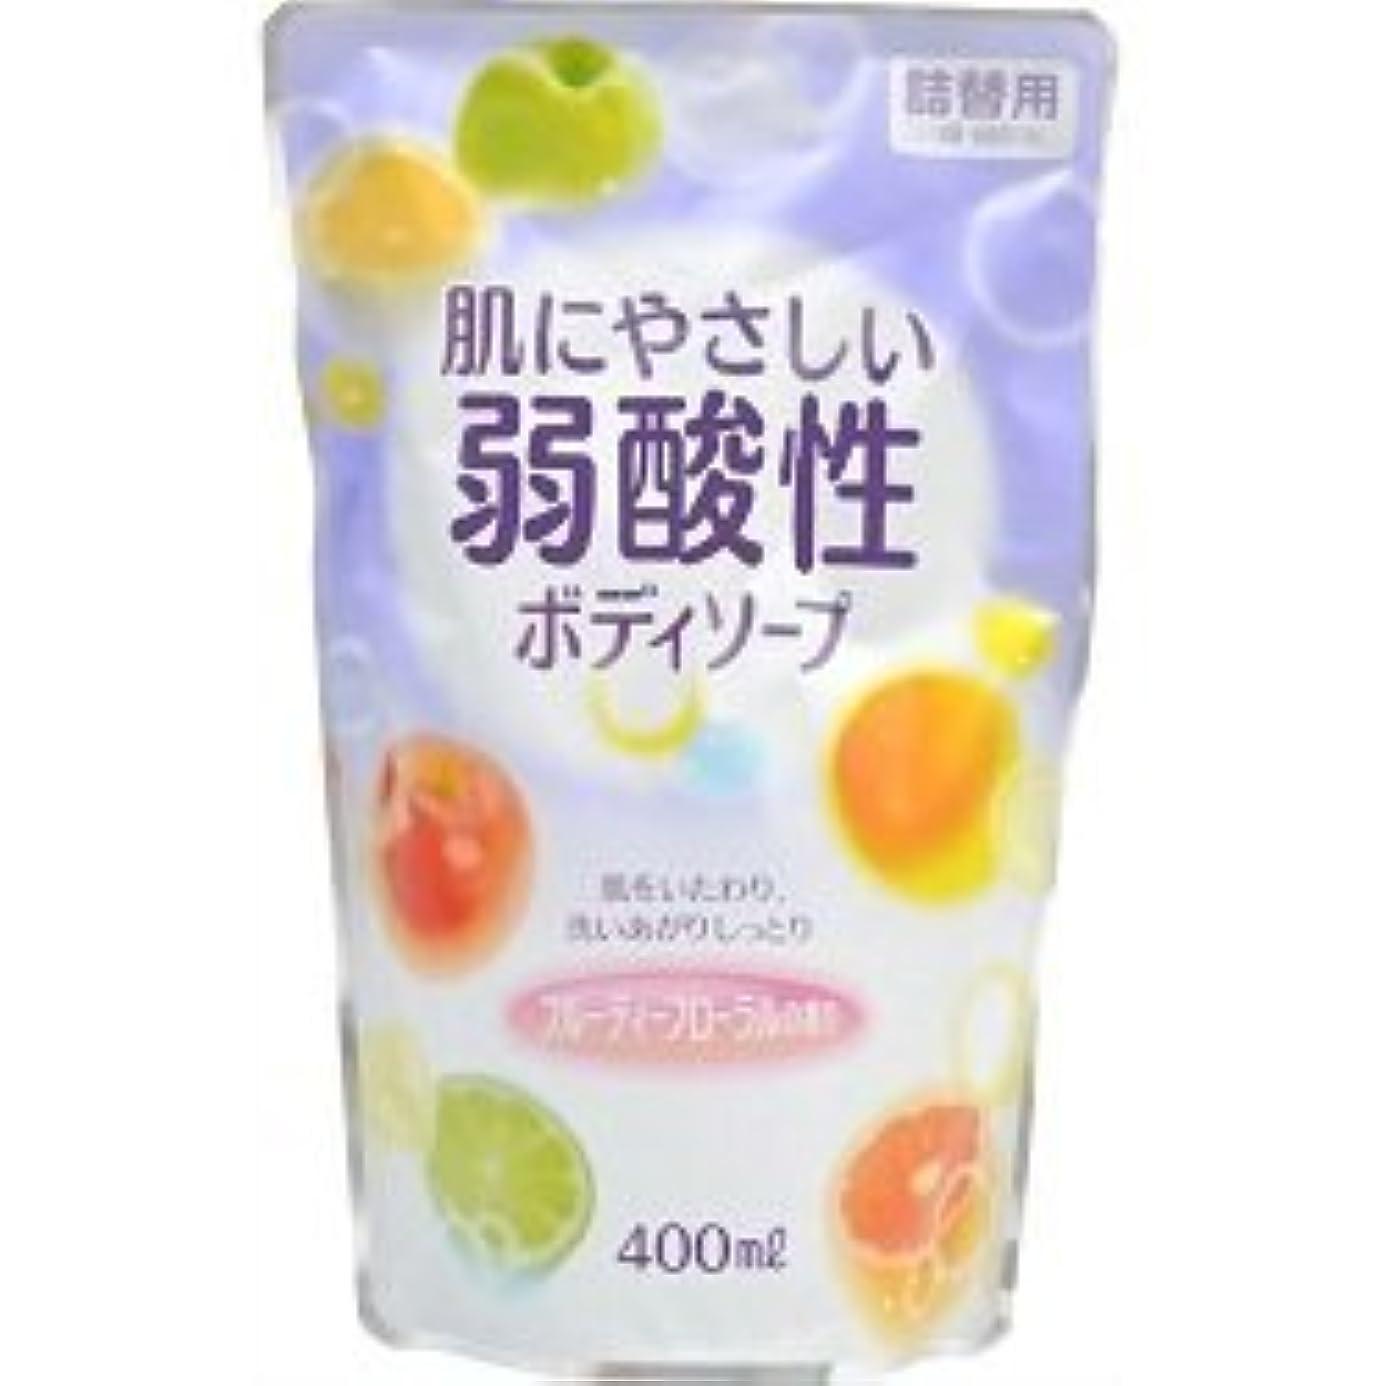 暴行結晶きらきら【エオリア】弱酸性ボディソープ フルーティフローラルの香り 詰替用 400ml ×3個セット